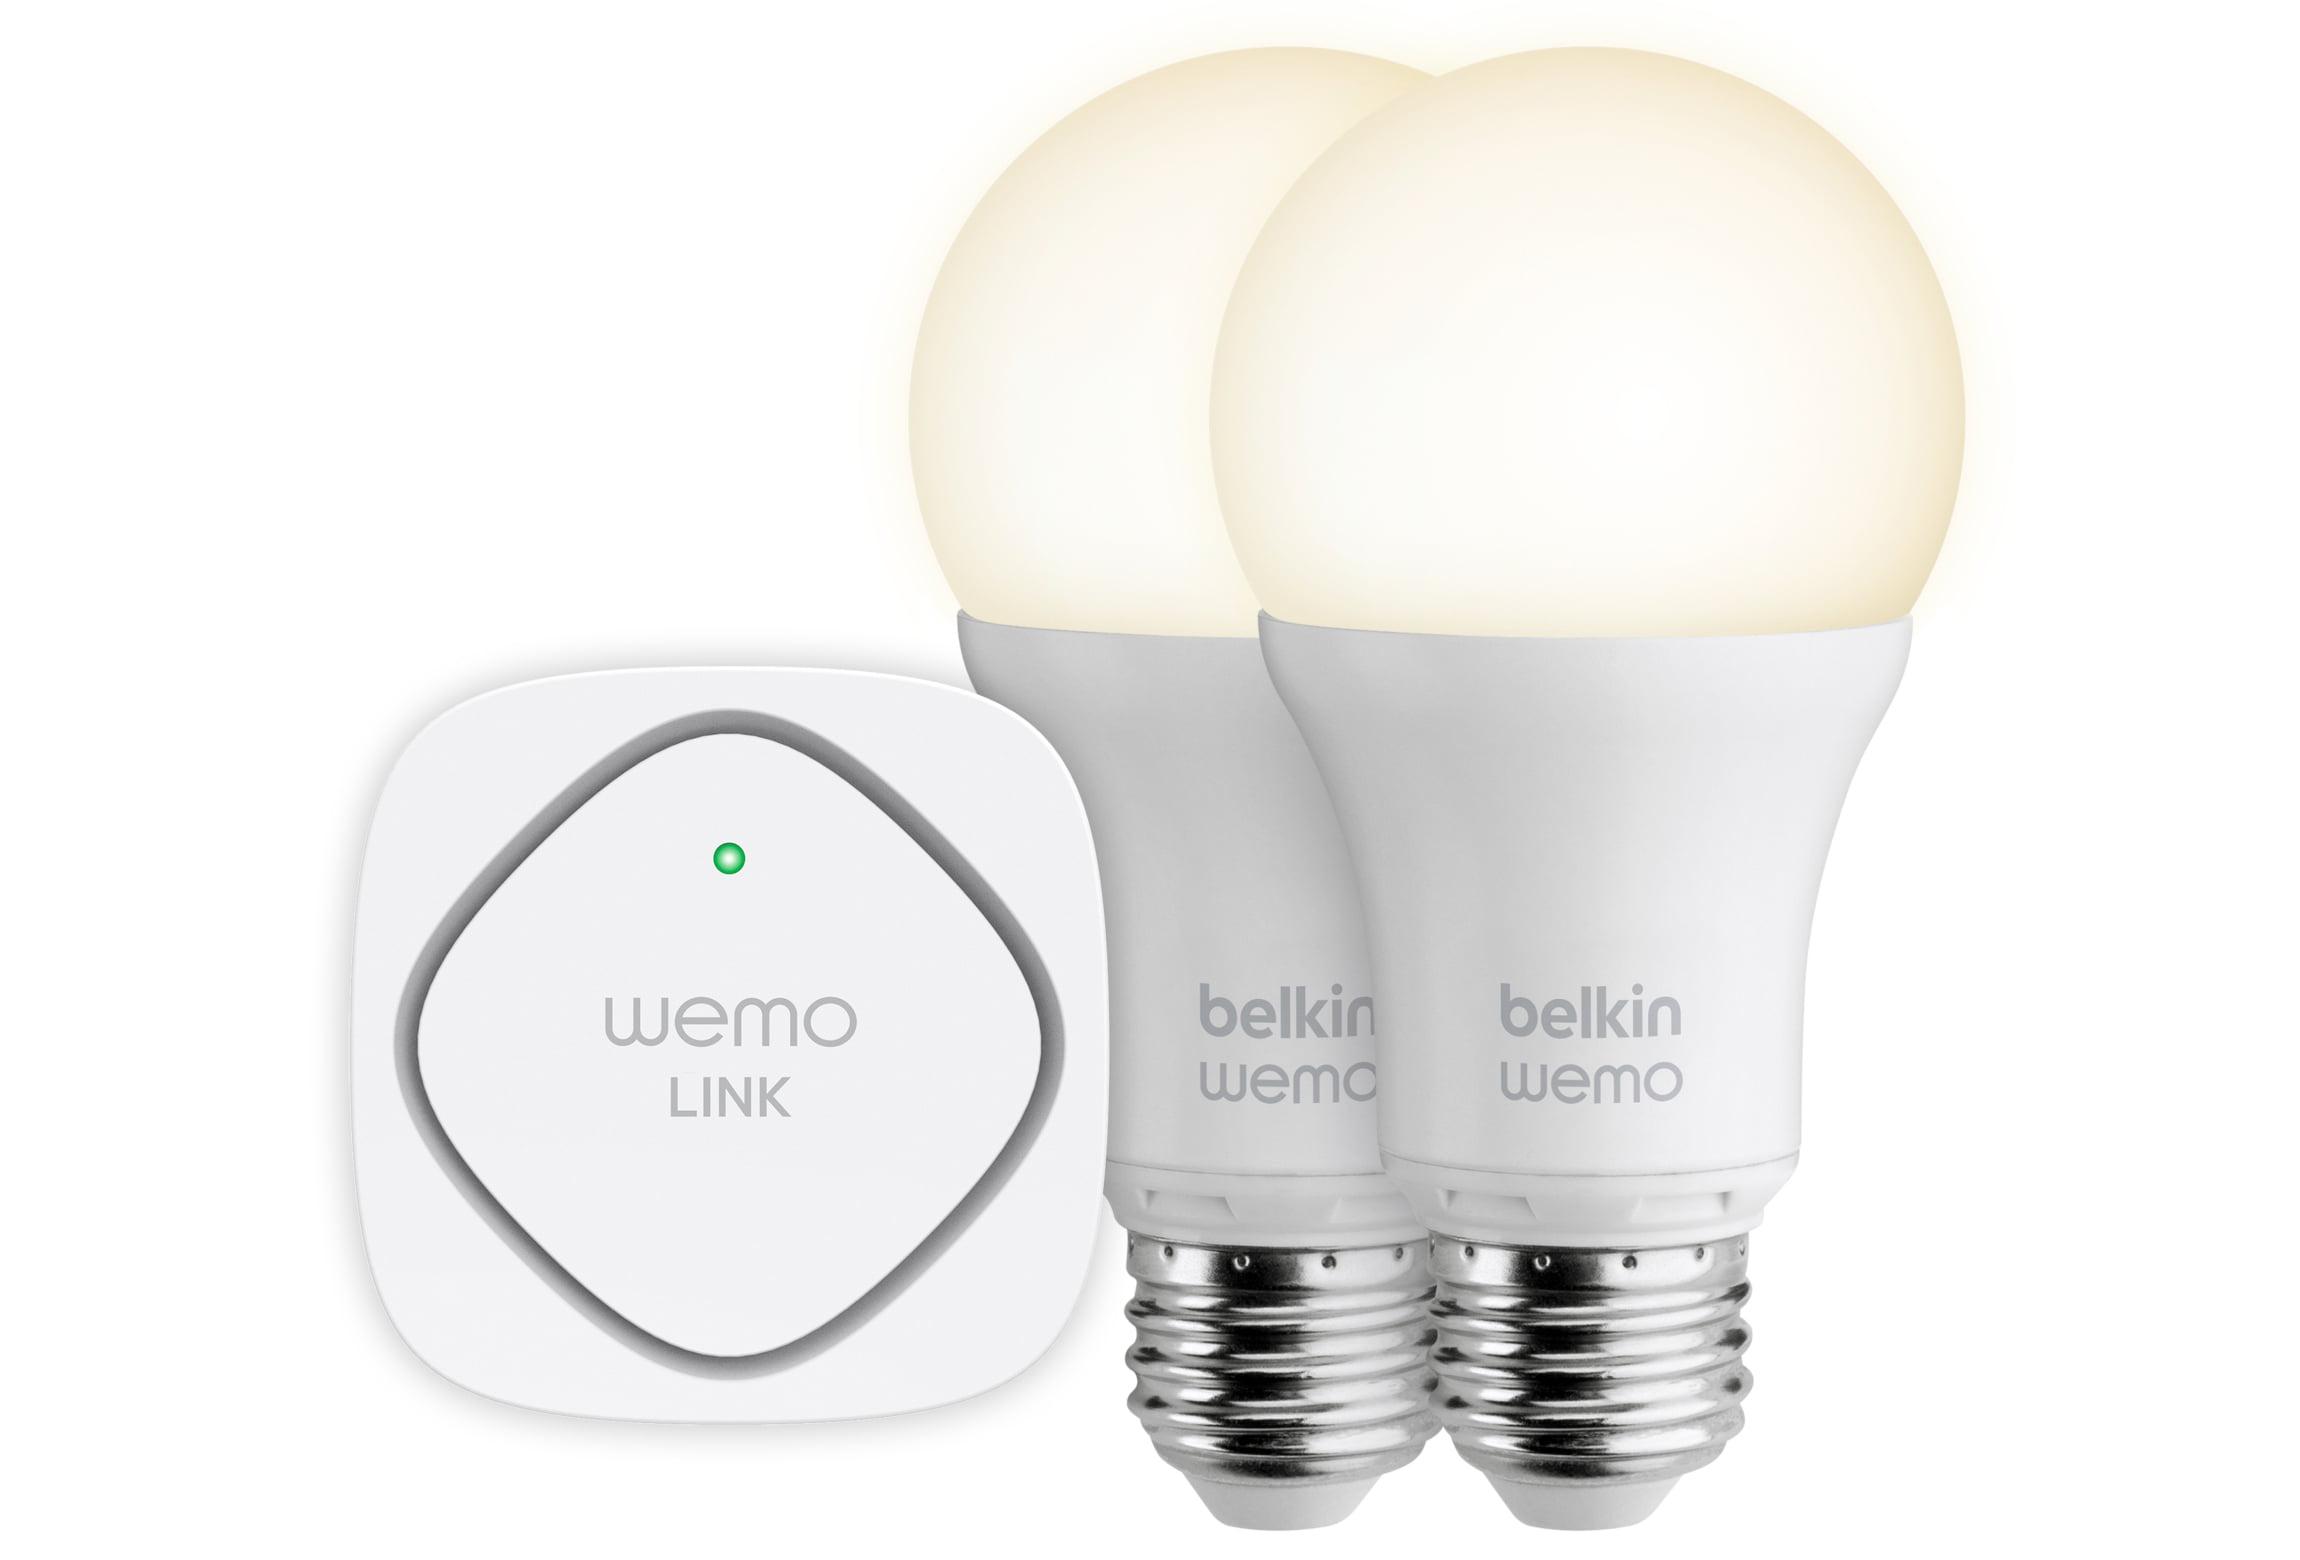 Belkin WeMo Smart LED Bulb Starter Kit